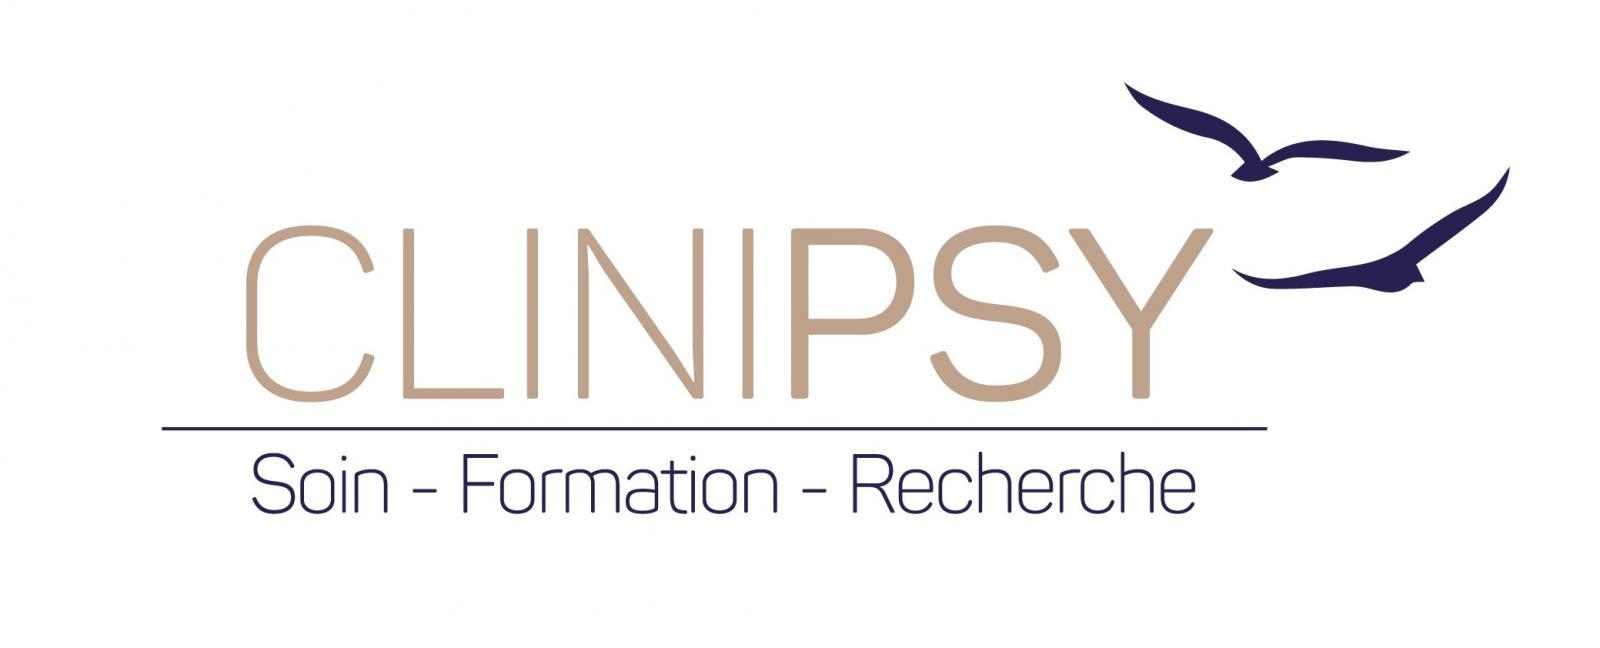 Clinipsy